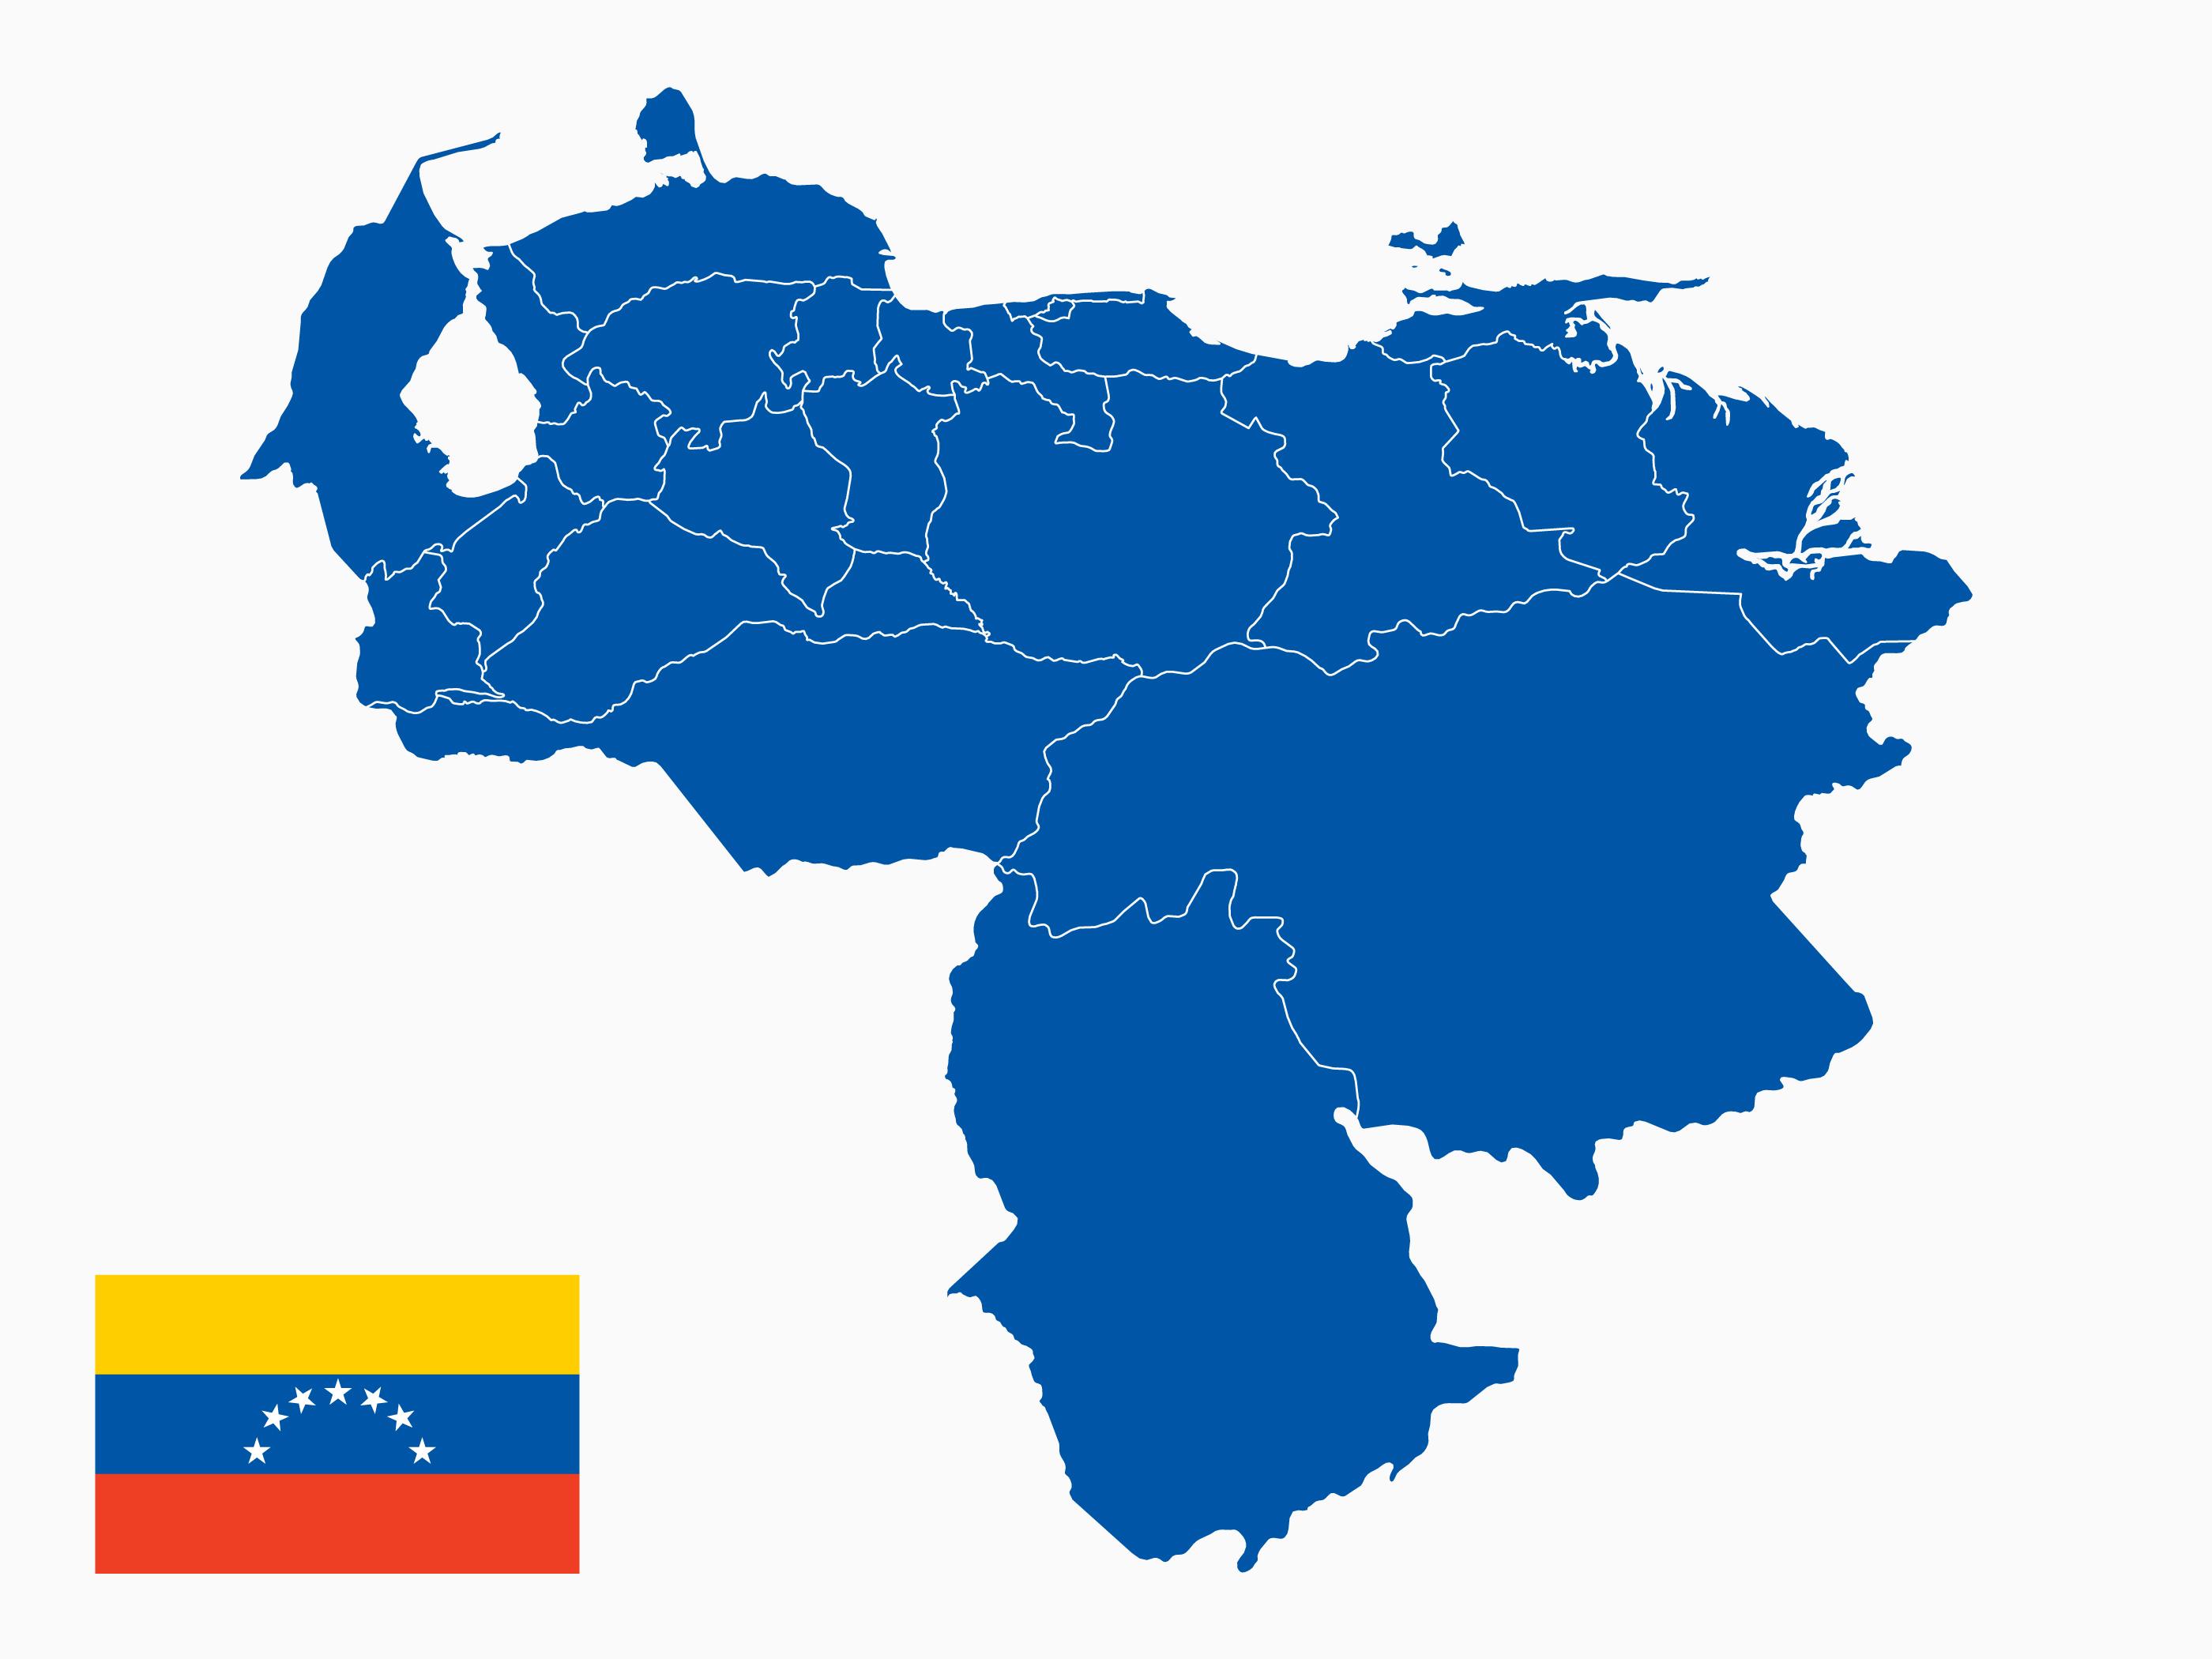 Vector De Mapa De Venezuela Descargar Vectores Gratis Illustrator Graficos Plantillas Diseno